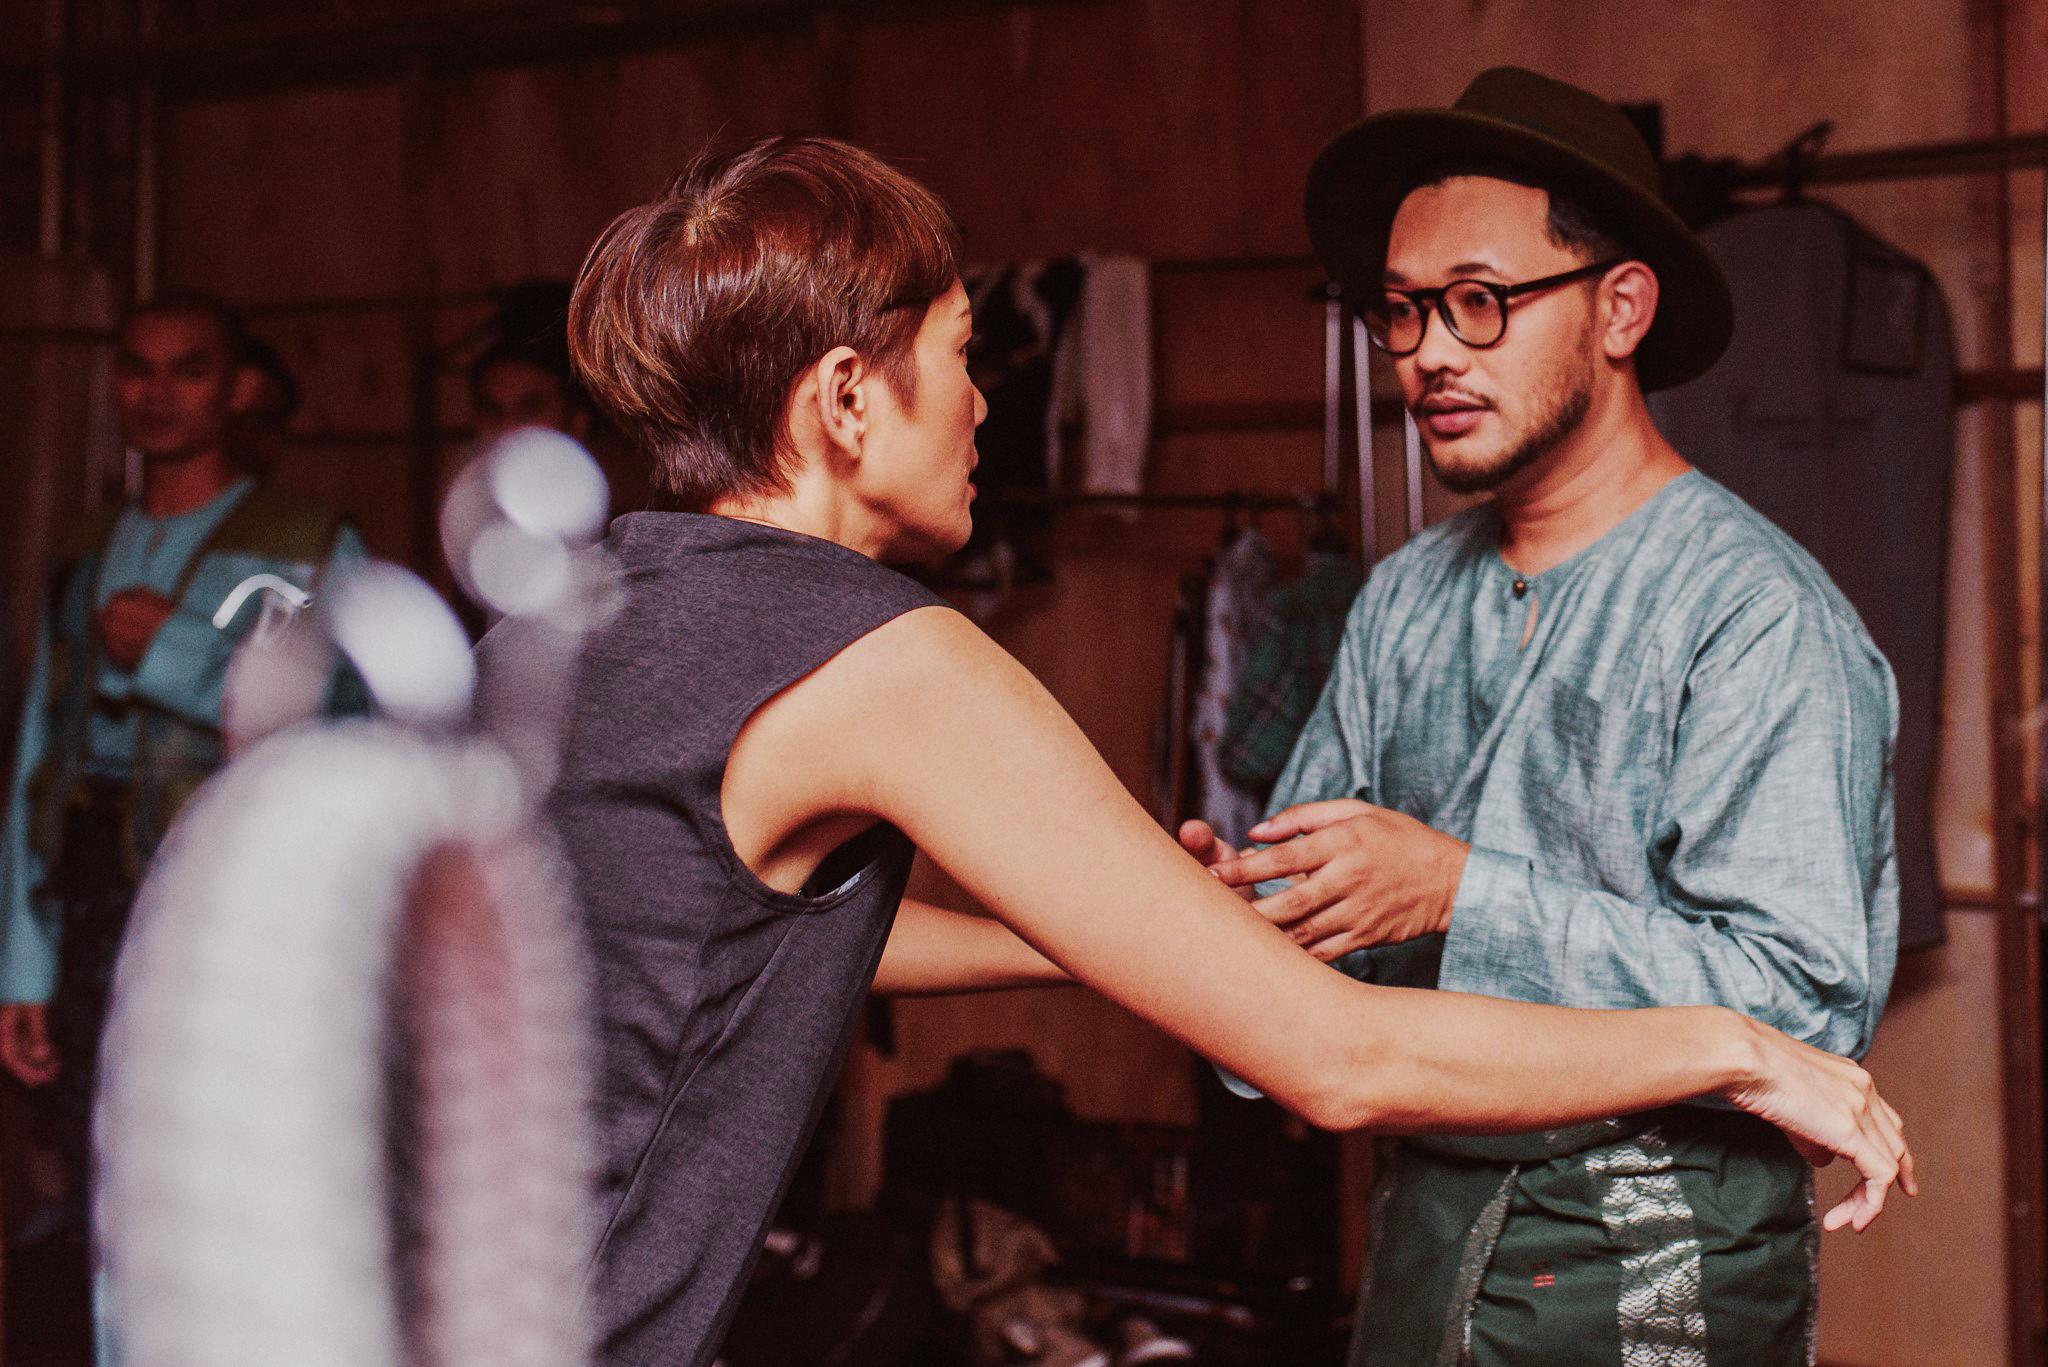 Karl Shafek Ibrahim & Malaysian Supermodel Tinie @ GKR 2019 (Behind the Scene)